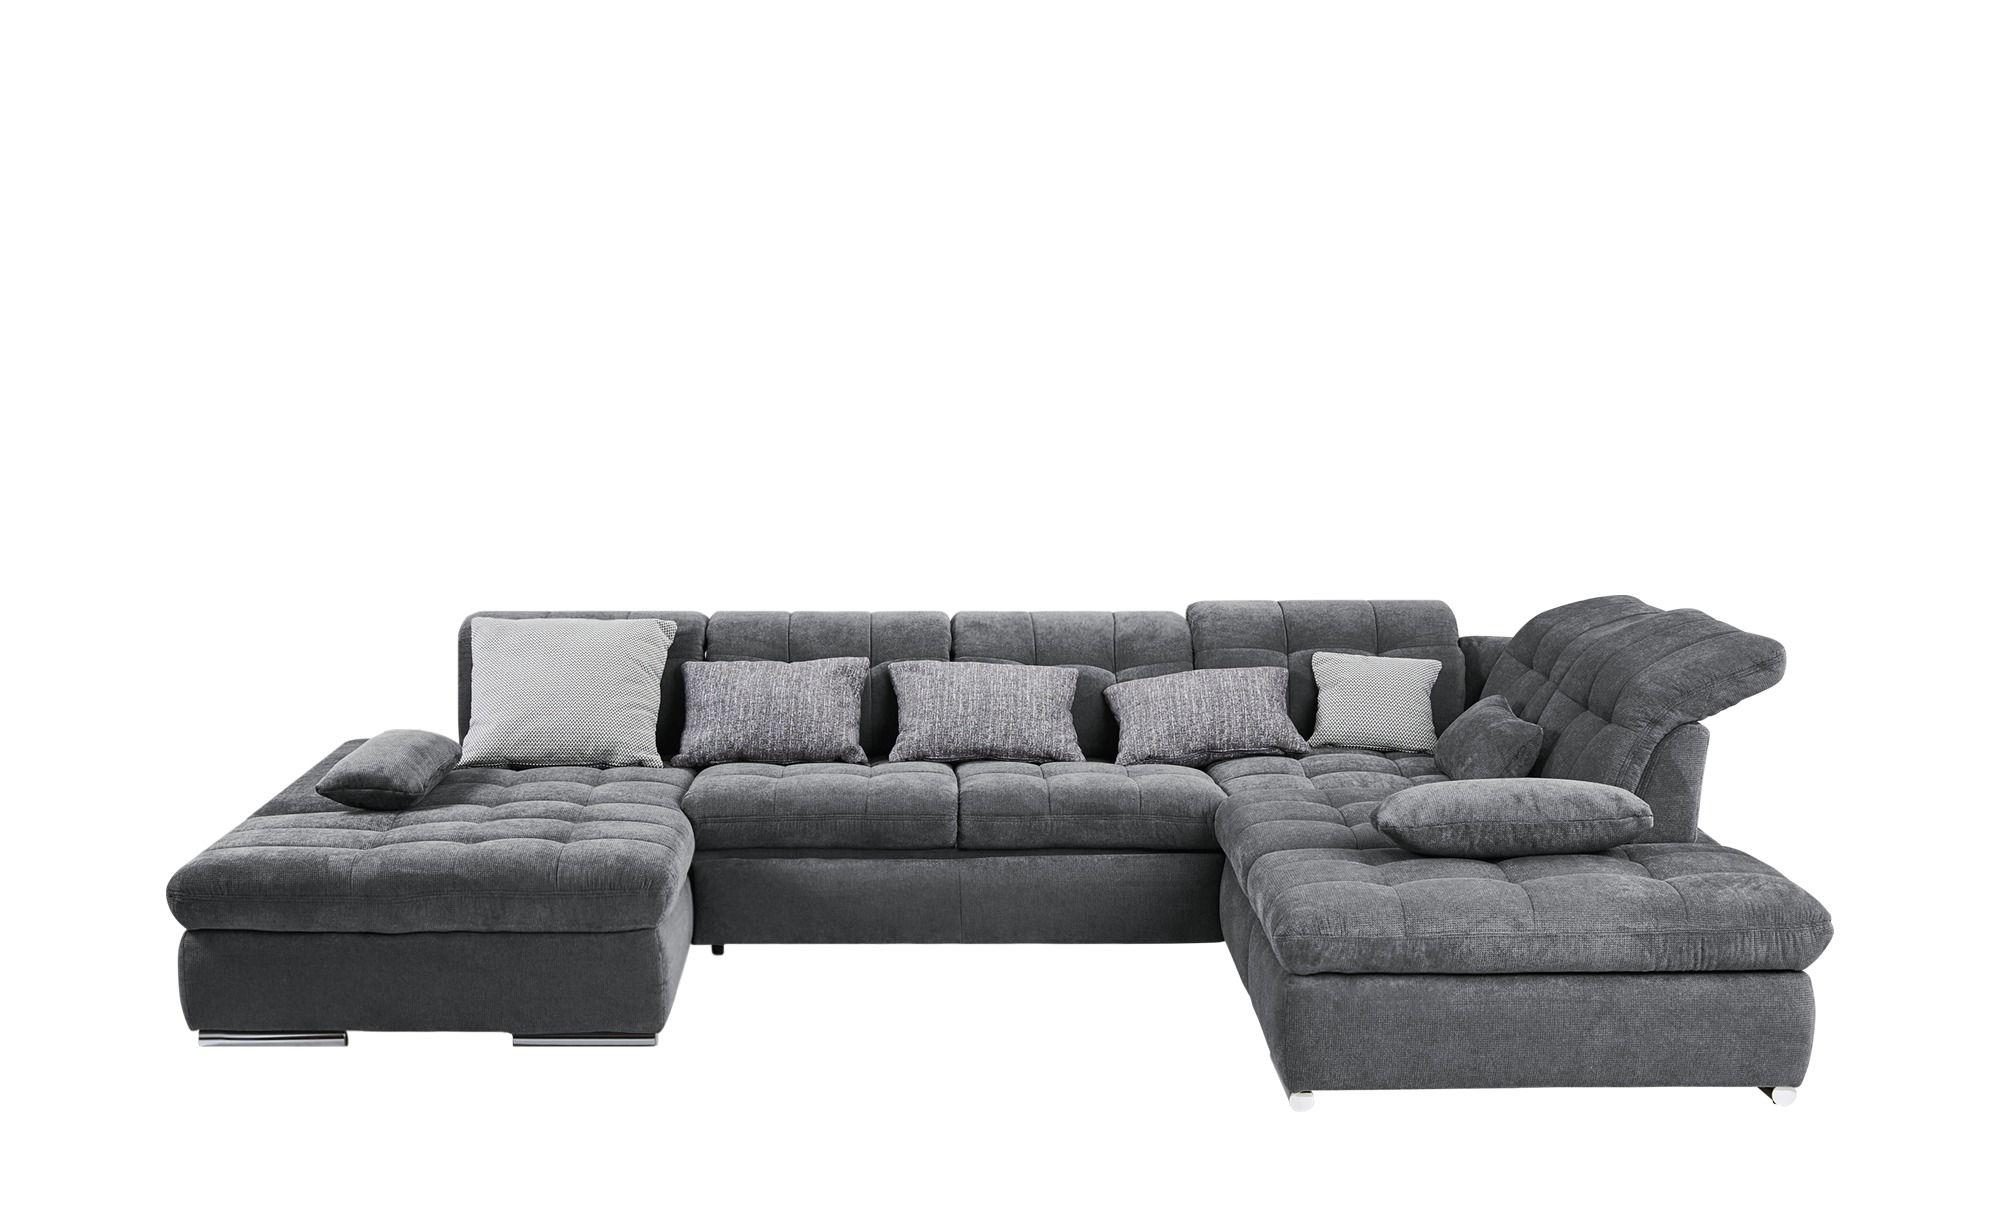 Wohnlandschaft Grau Webstoff La Palma Mit Bildern Schlafsofa Günstig Big Sofa Kaufen Wohnen